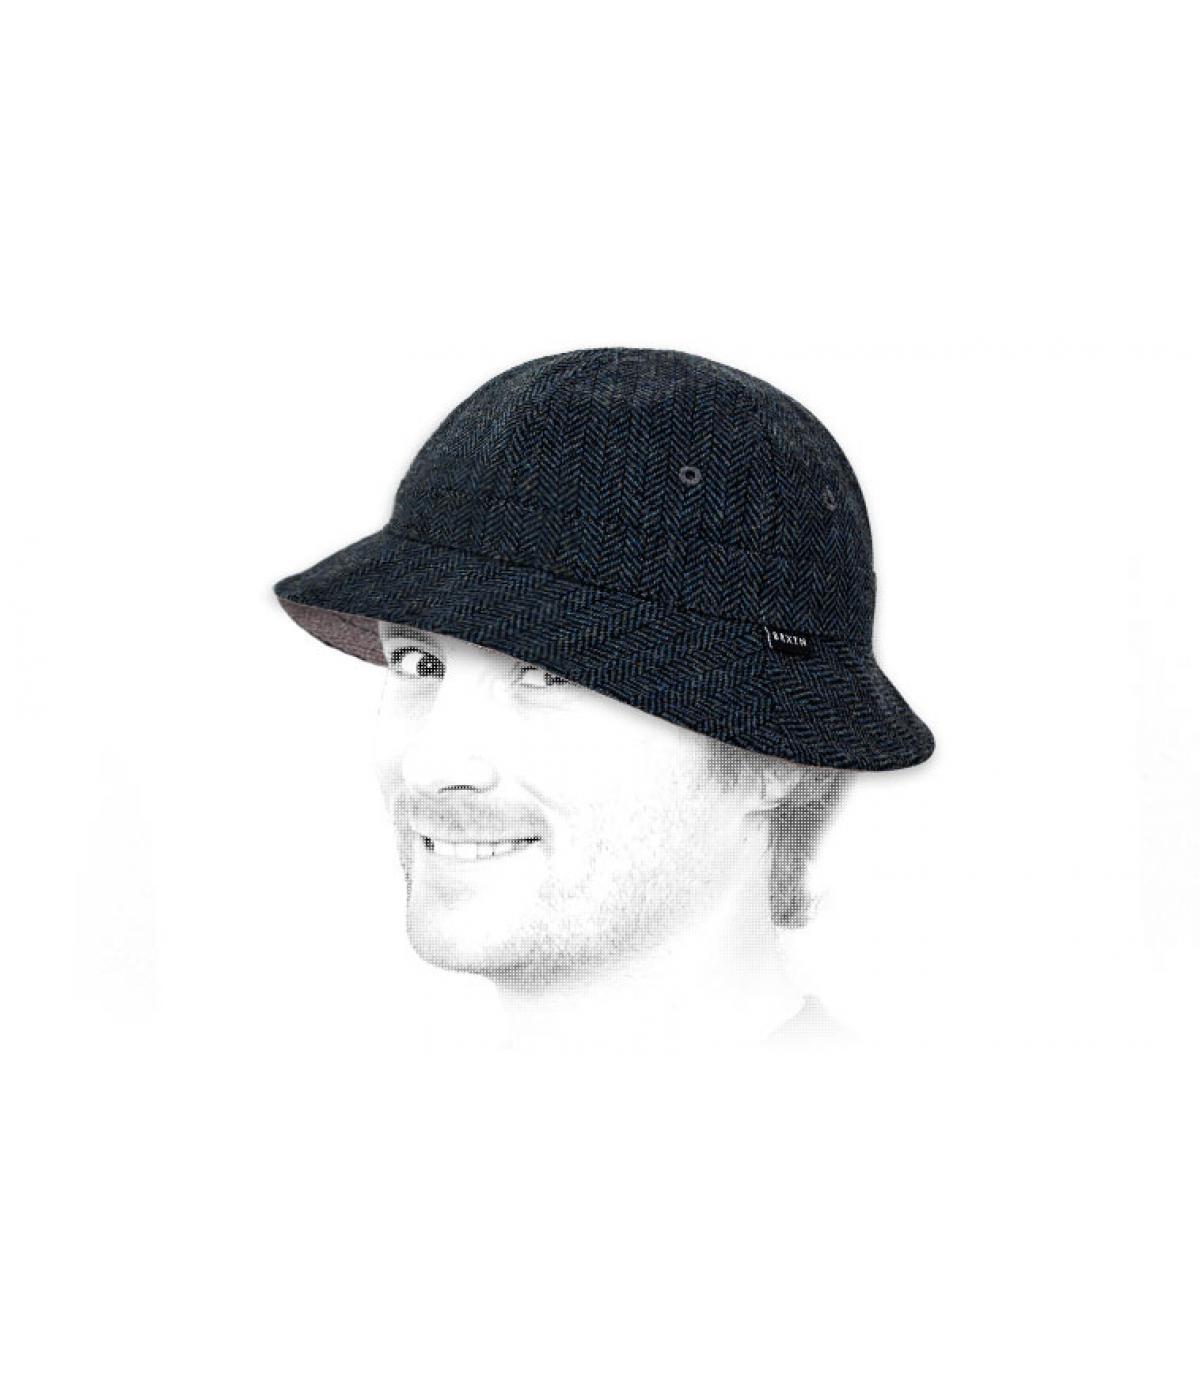 Brixton navy bucket hat - Banks bucket hat navy grey by Brixton. 70ee63aadd42